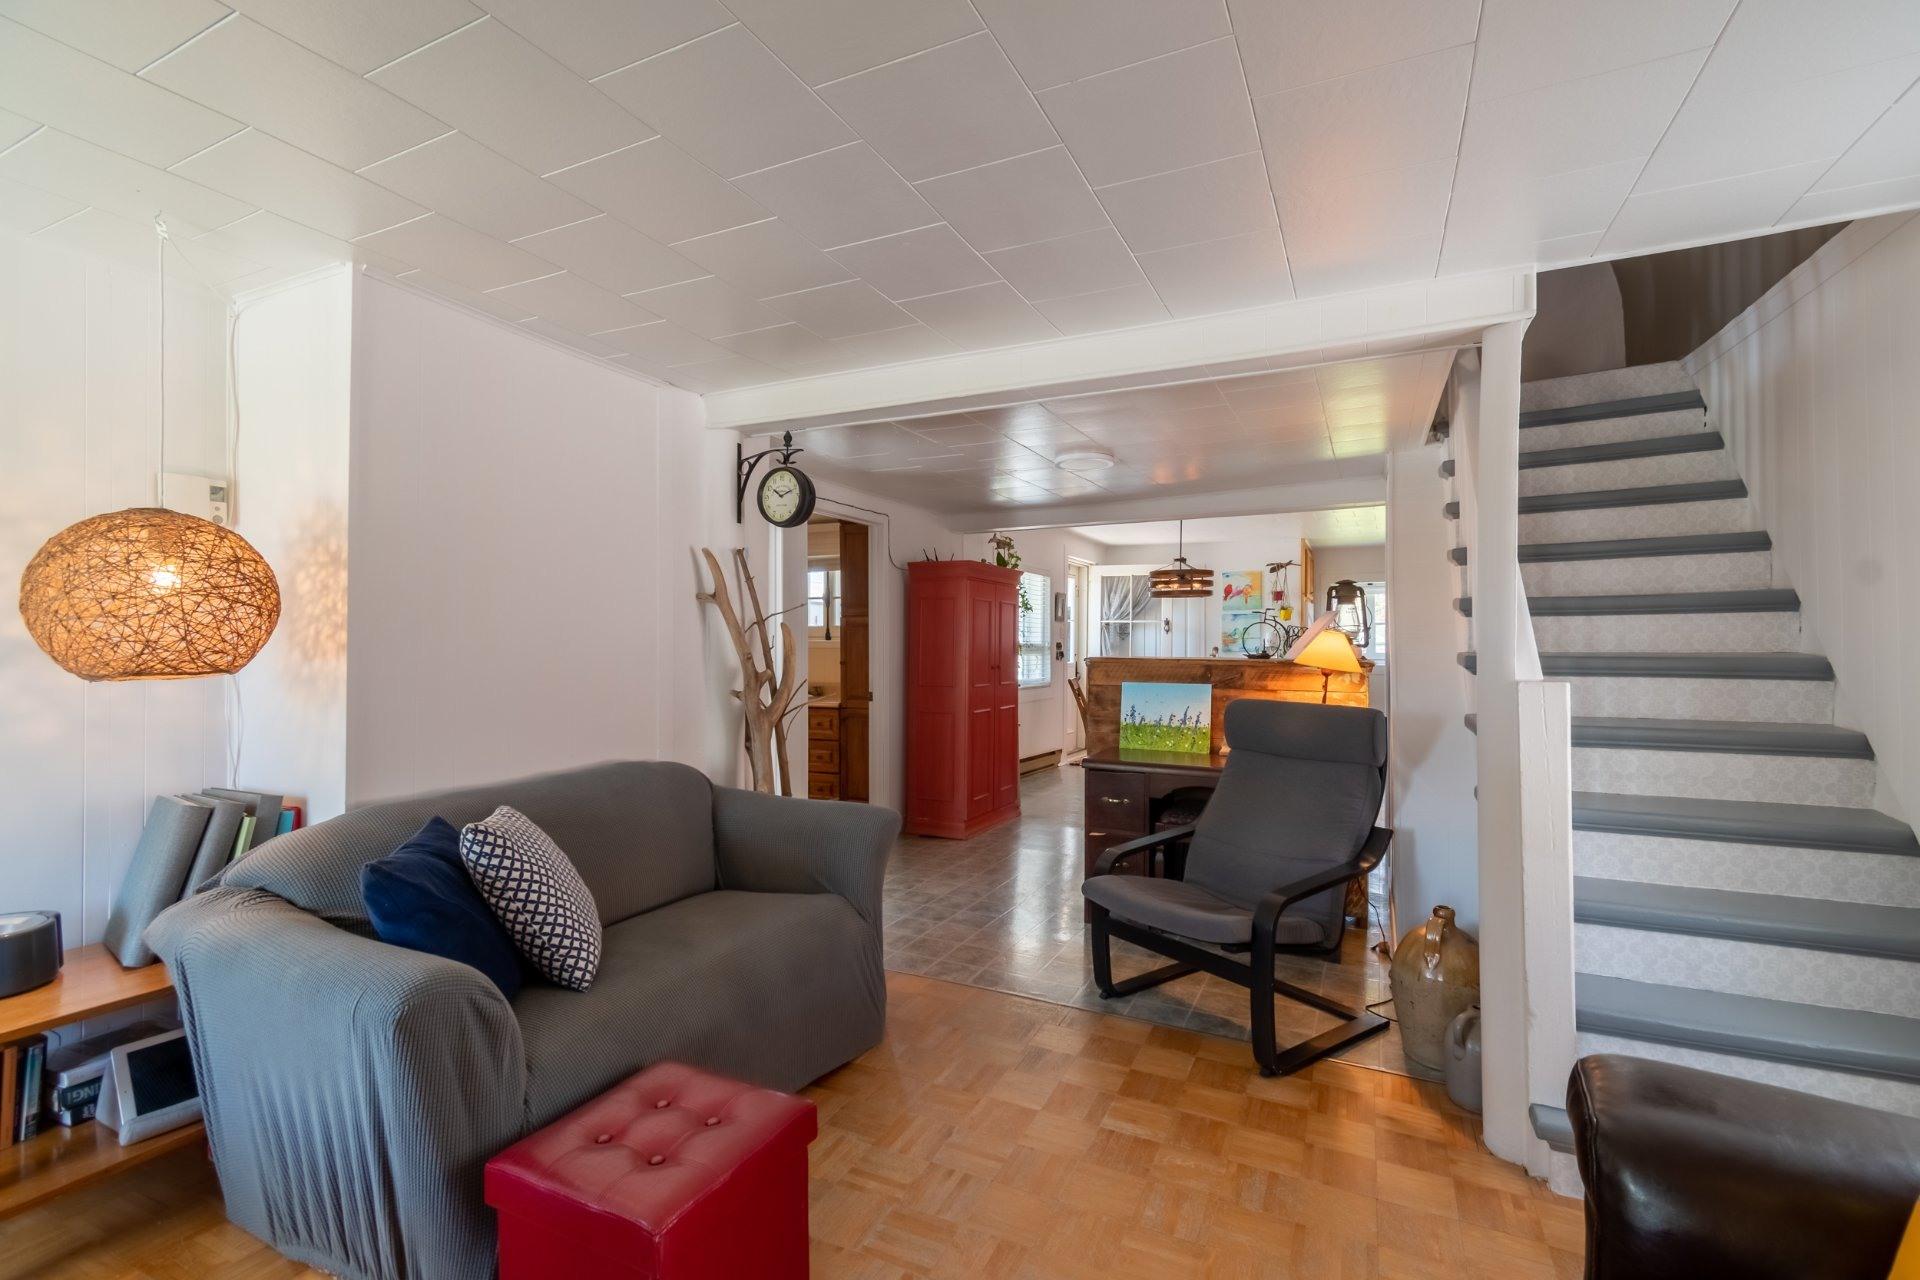 image 9 - Maison À vendre Pont-Rouge - 8 pièces